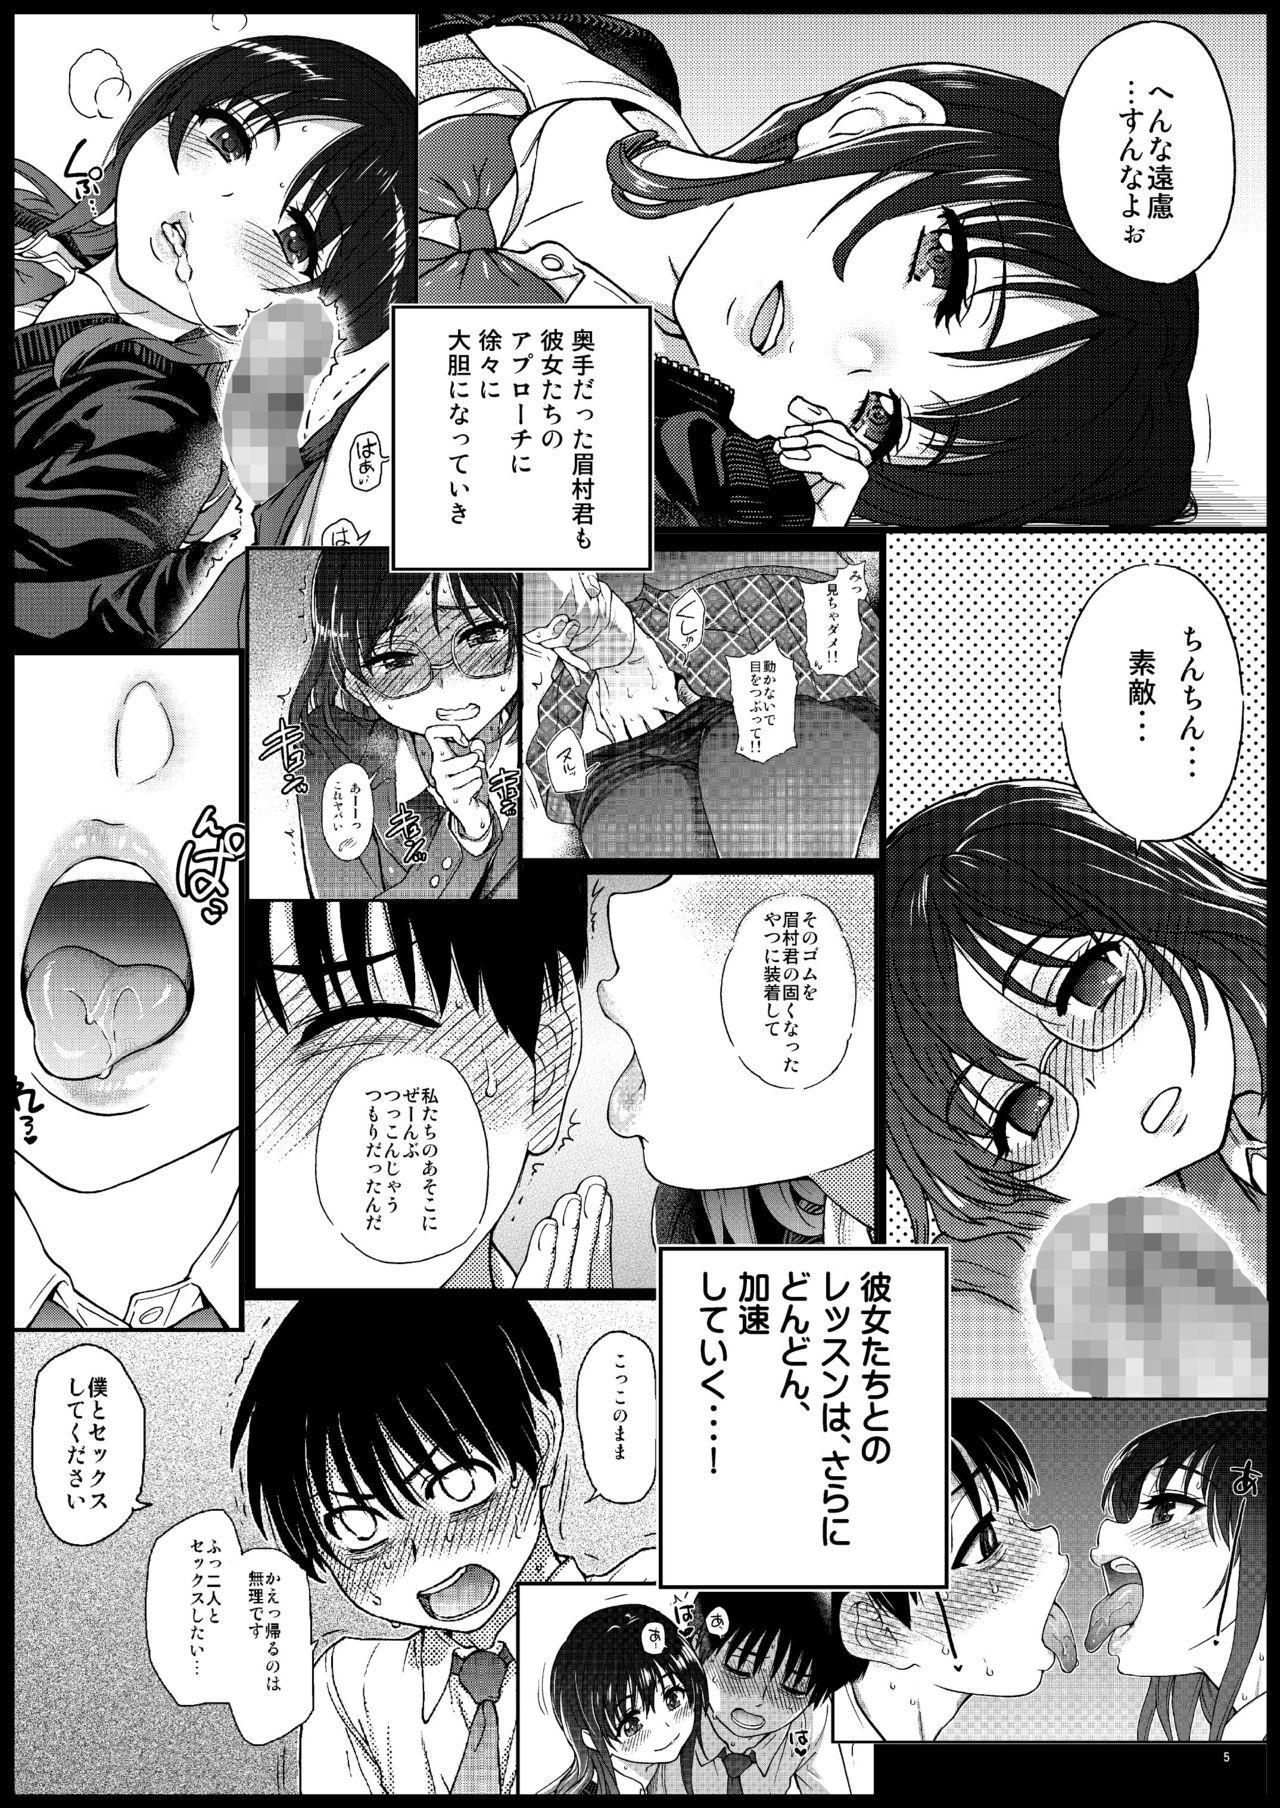 Watashi o Ecchi no Nakama ni Irete kudasai 3